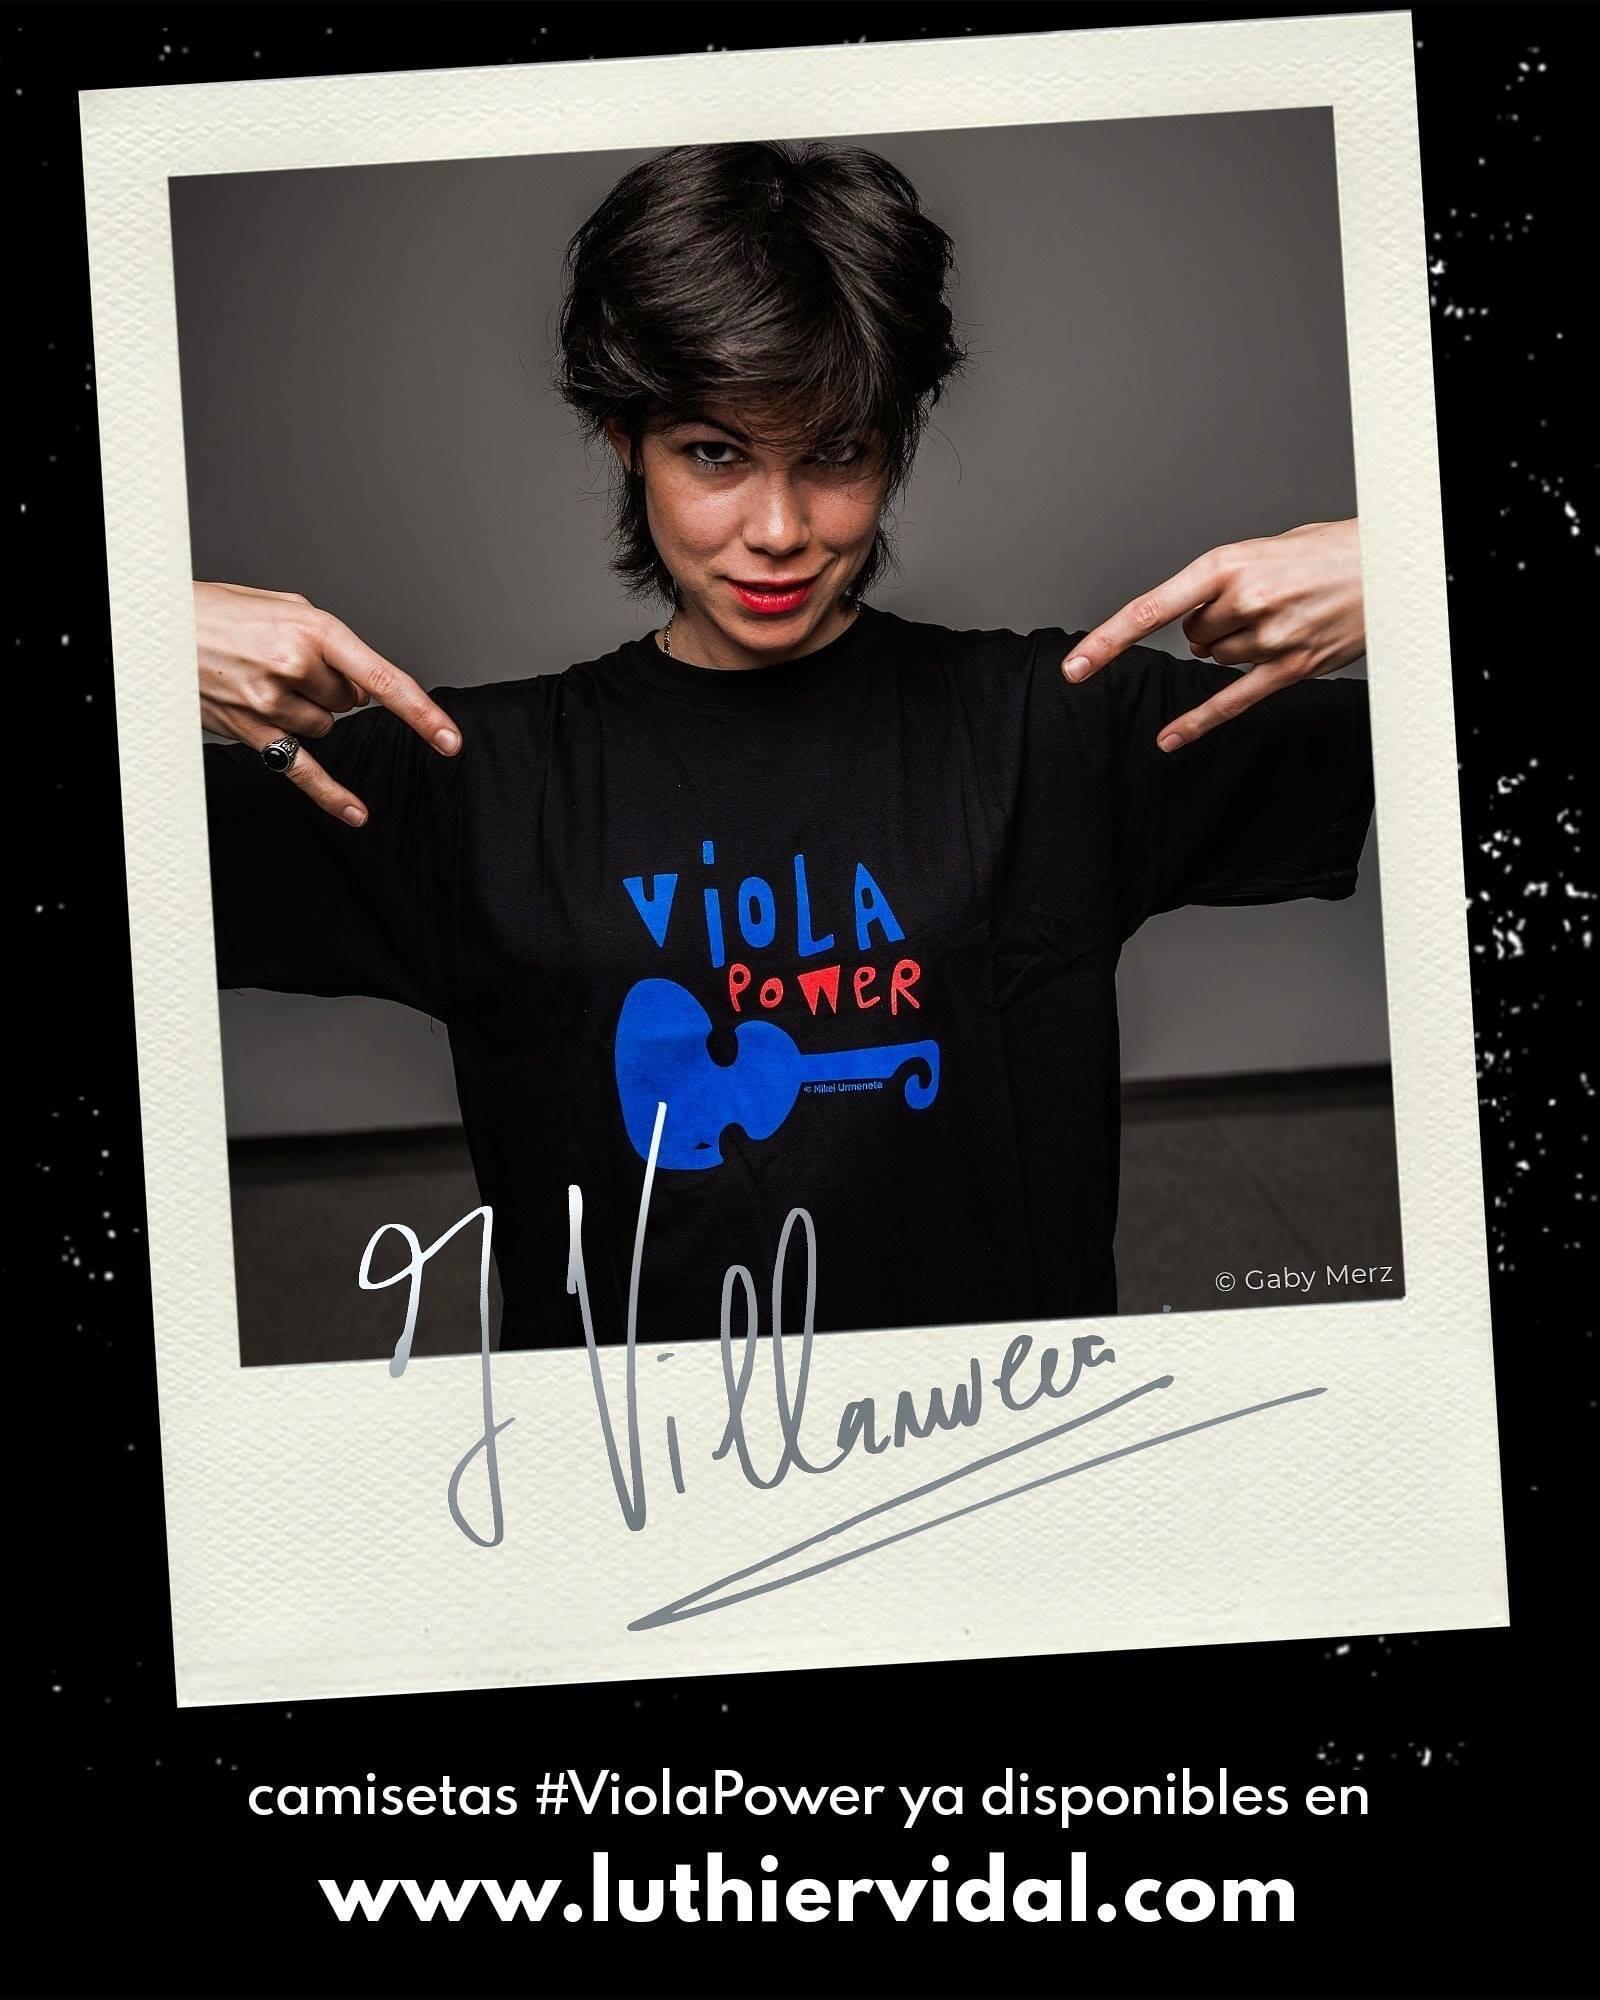 Camisetas creadas por Isabel Villanueva y el artista creativo Mikel Urmeneta.